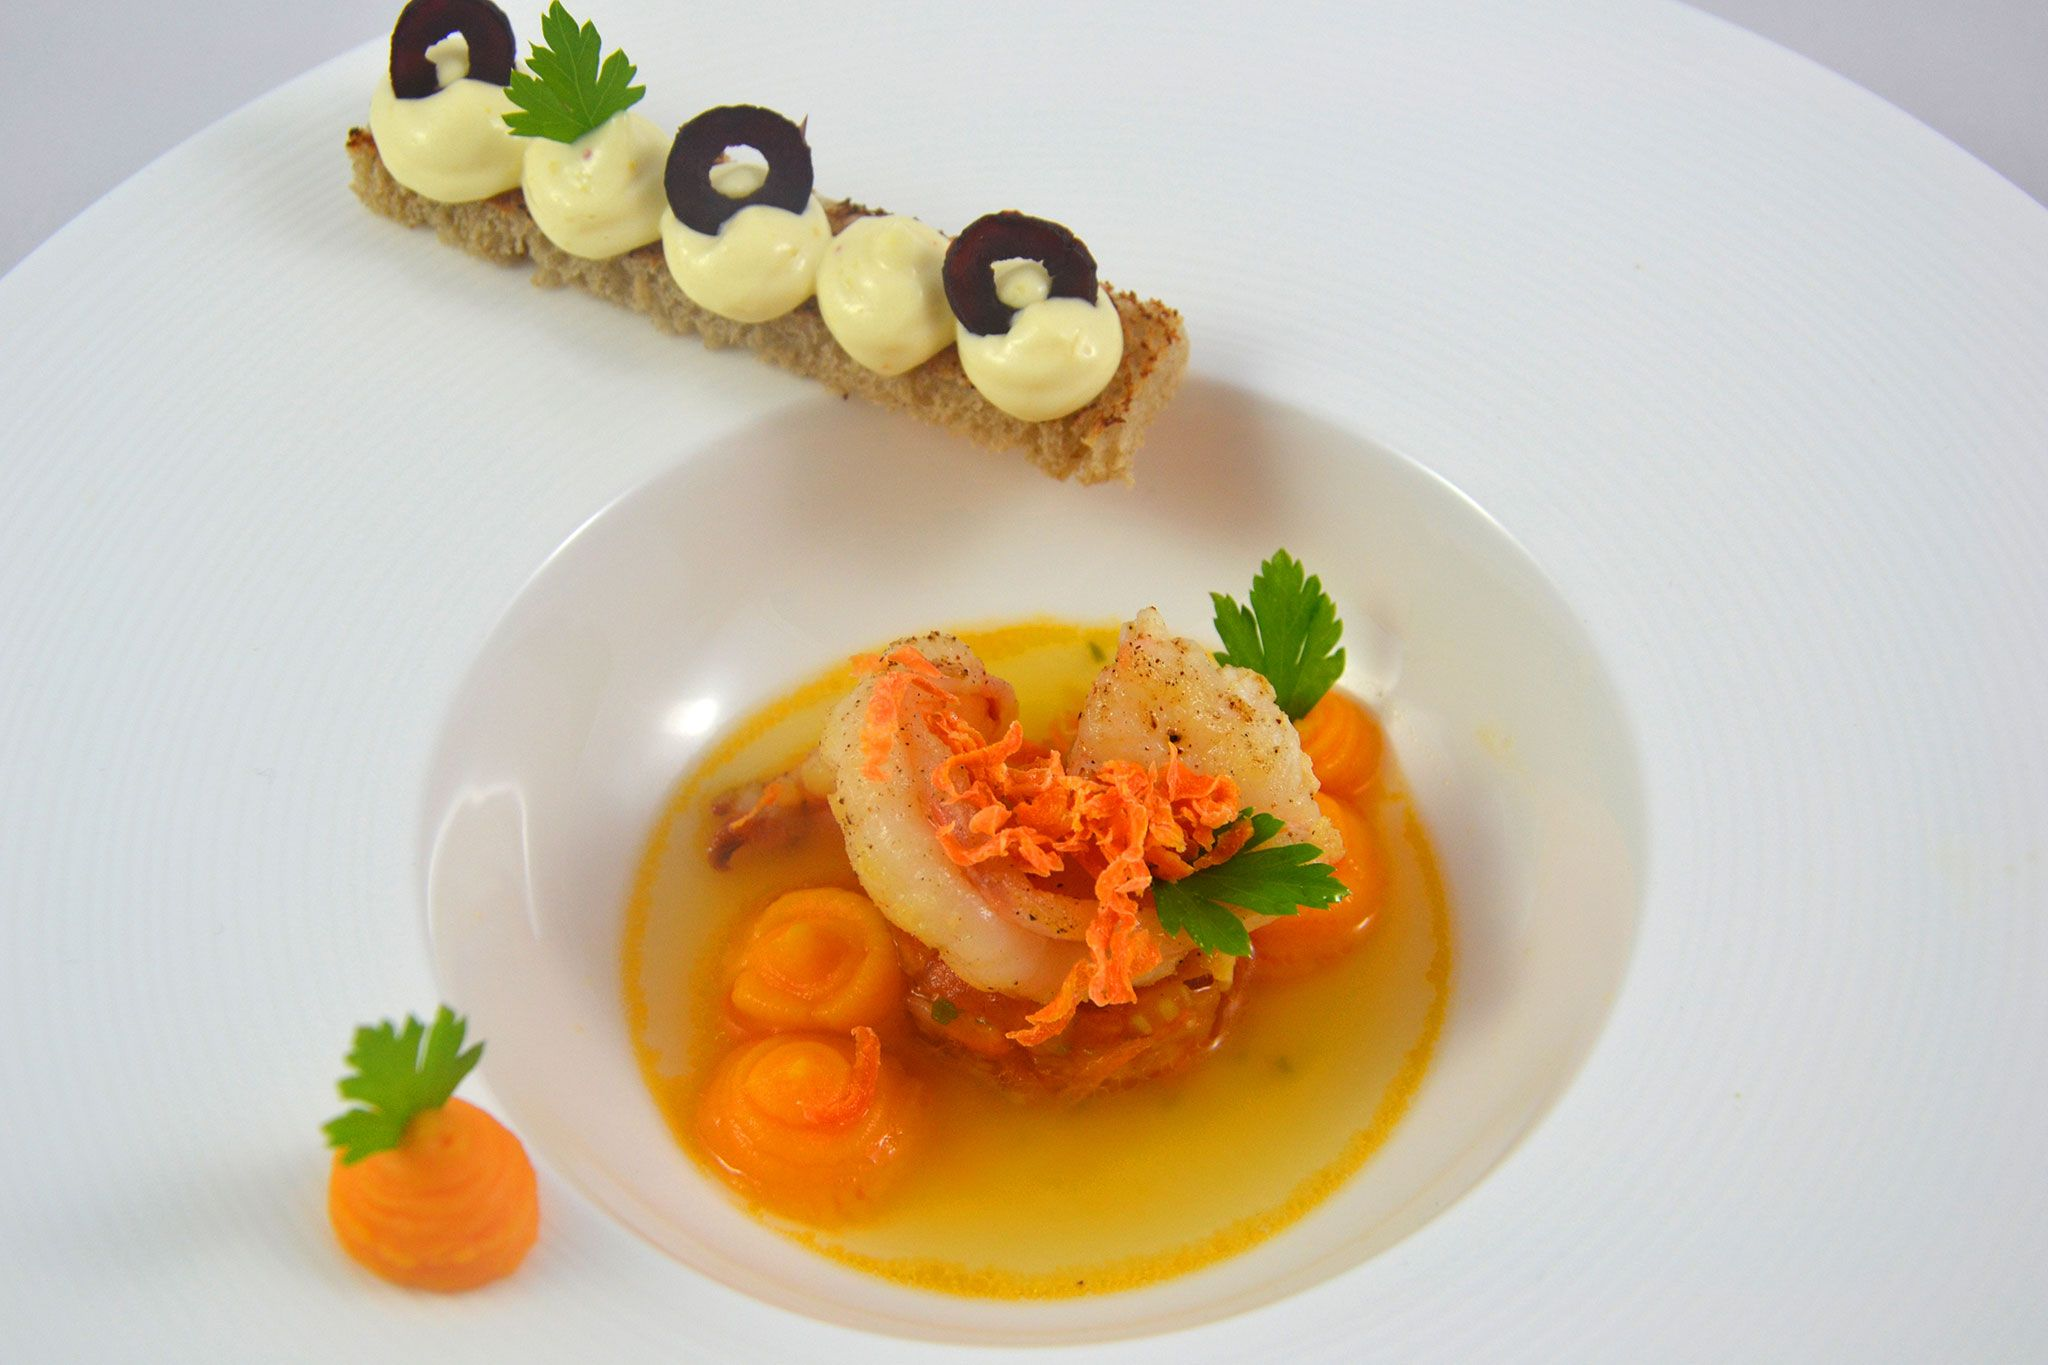 Bouillabaisse-ähnliche Suppe | IRRE KOCHEN